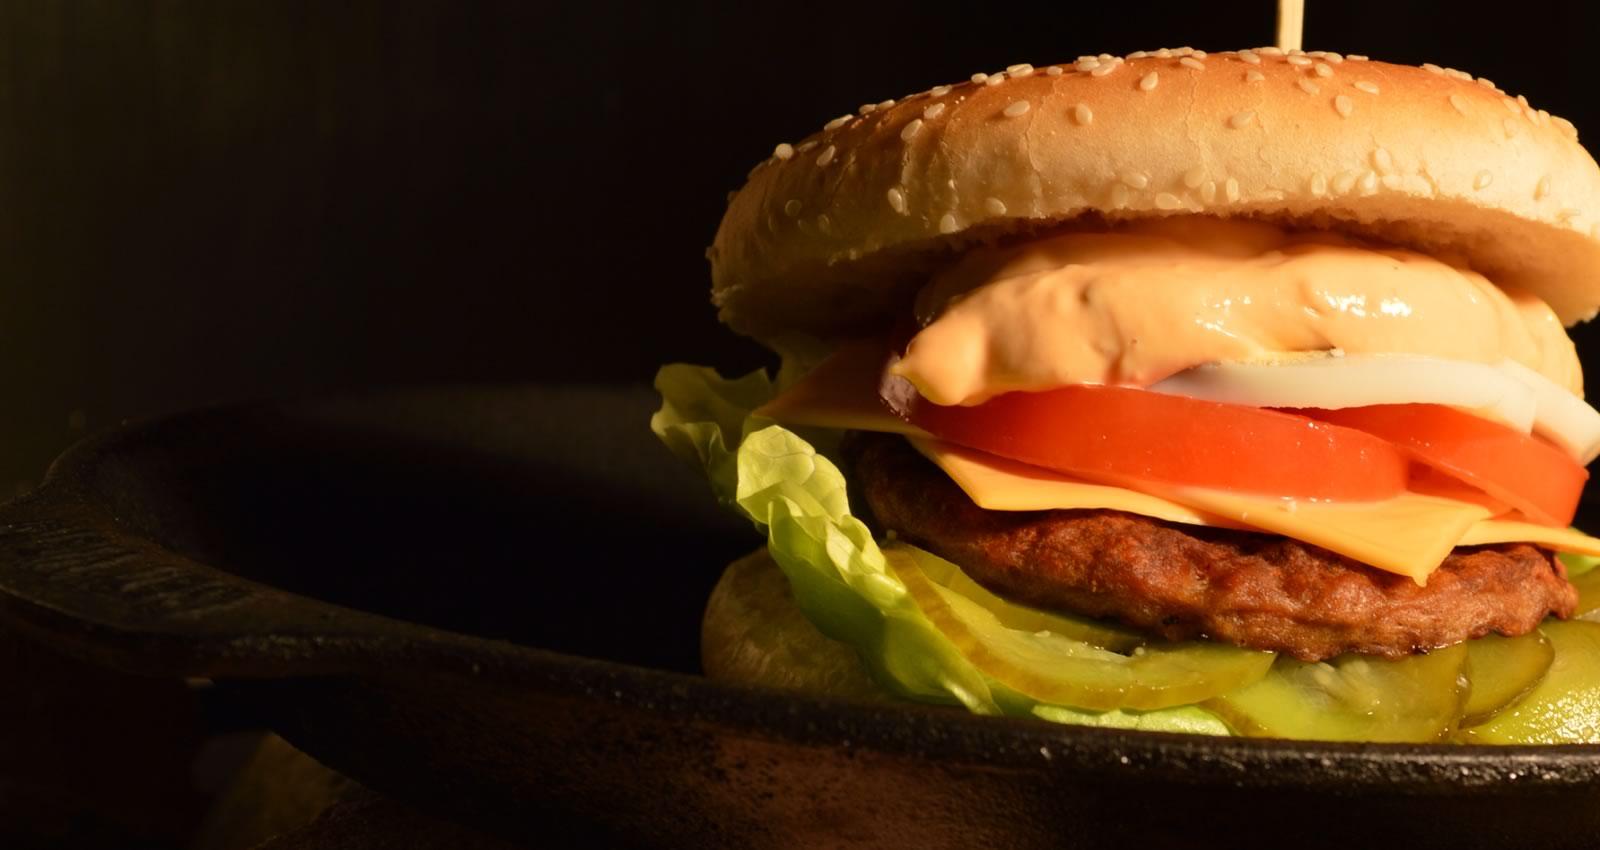 Probeer ook onze grillburgers